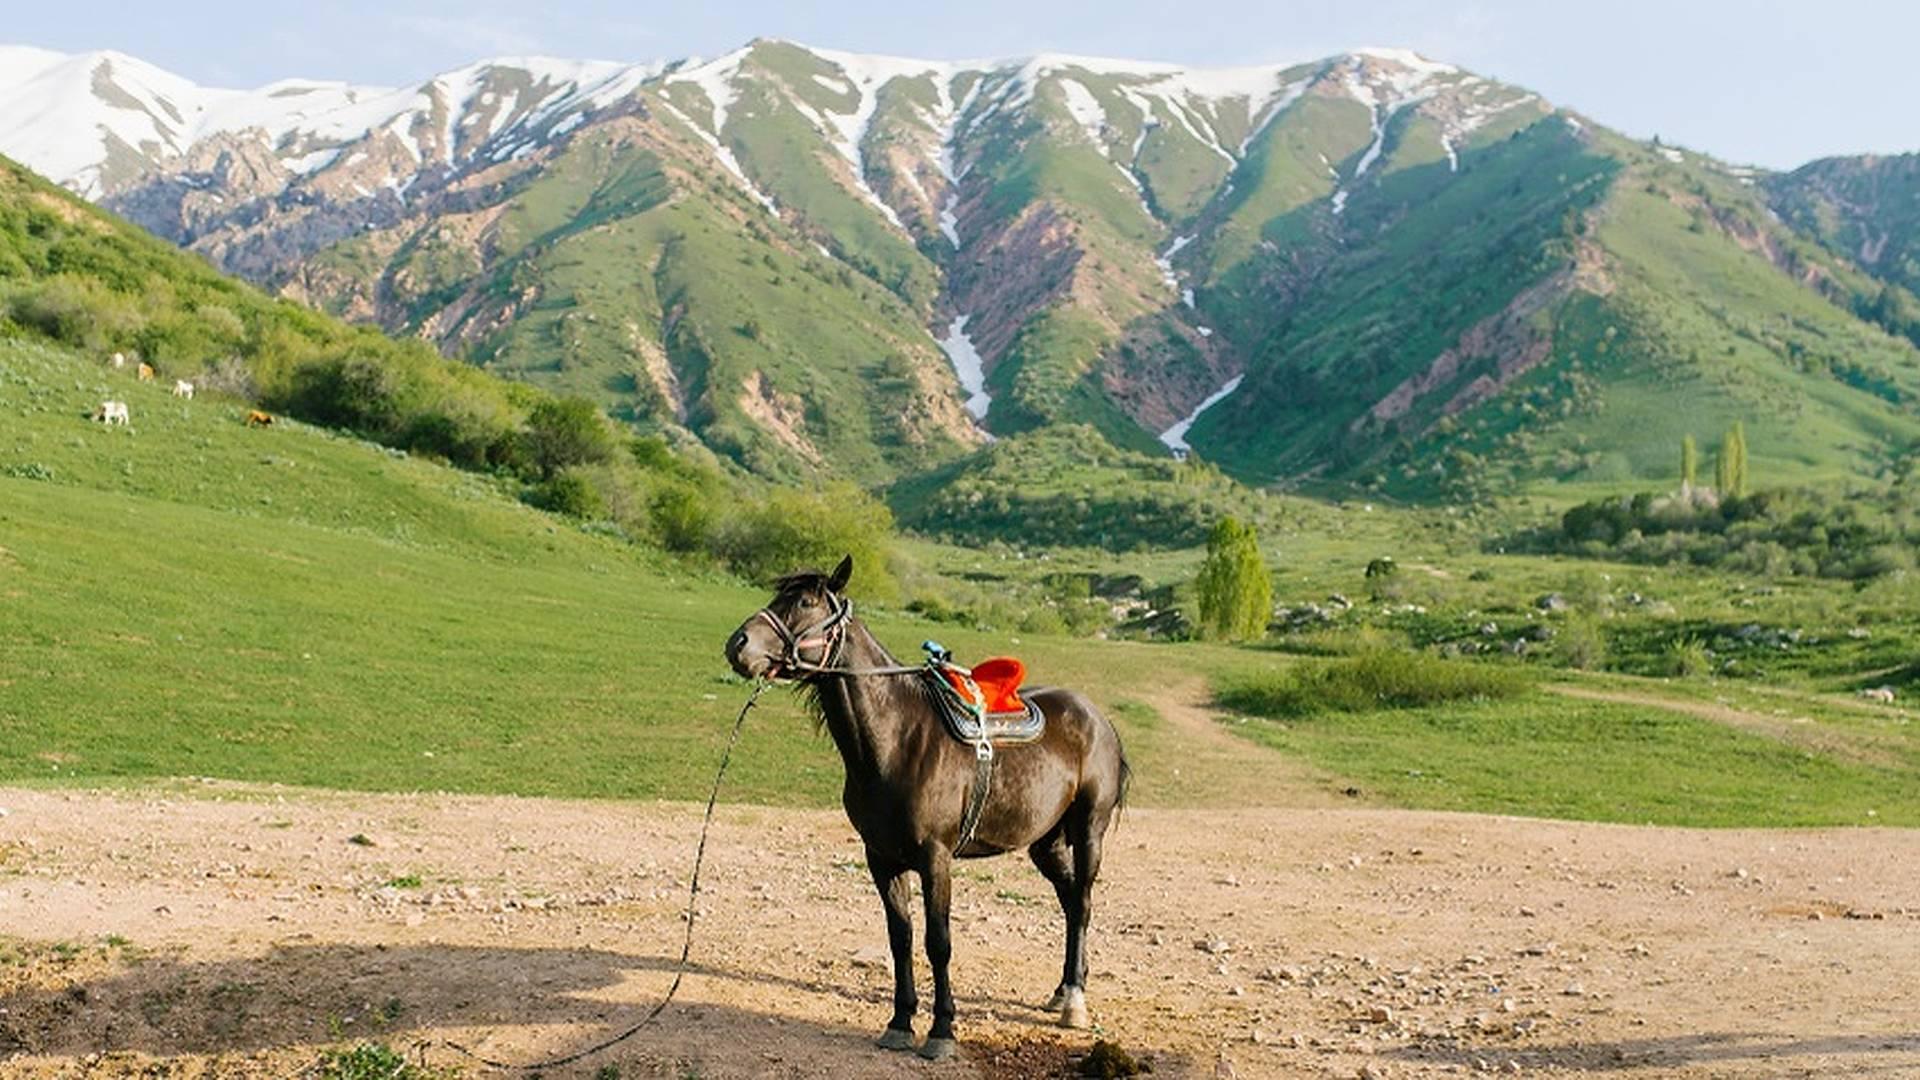 Durch die atemberaubende Naturkulisse des Landes reisen